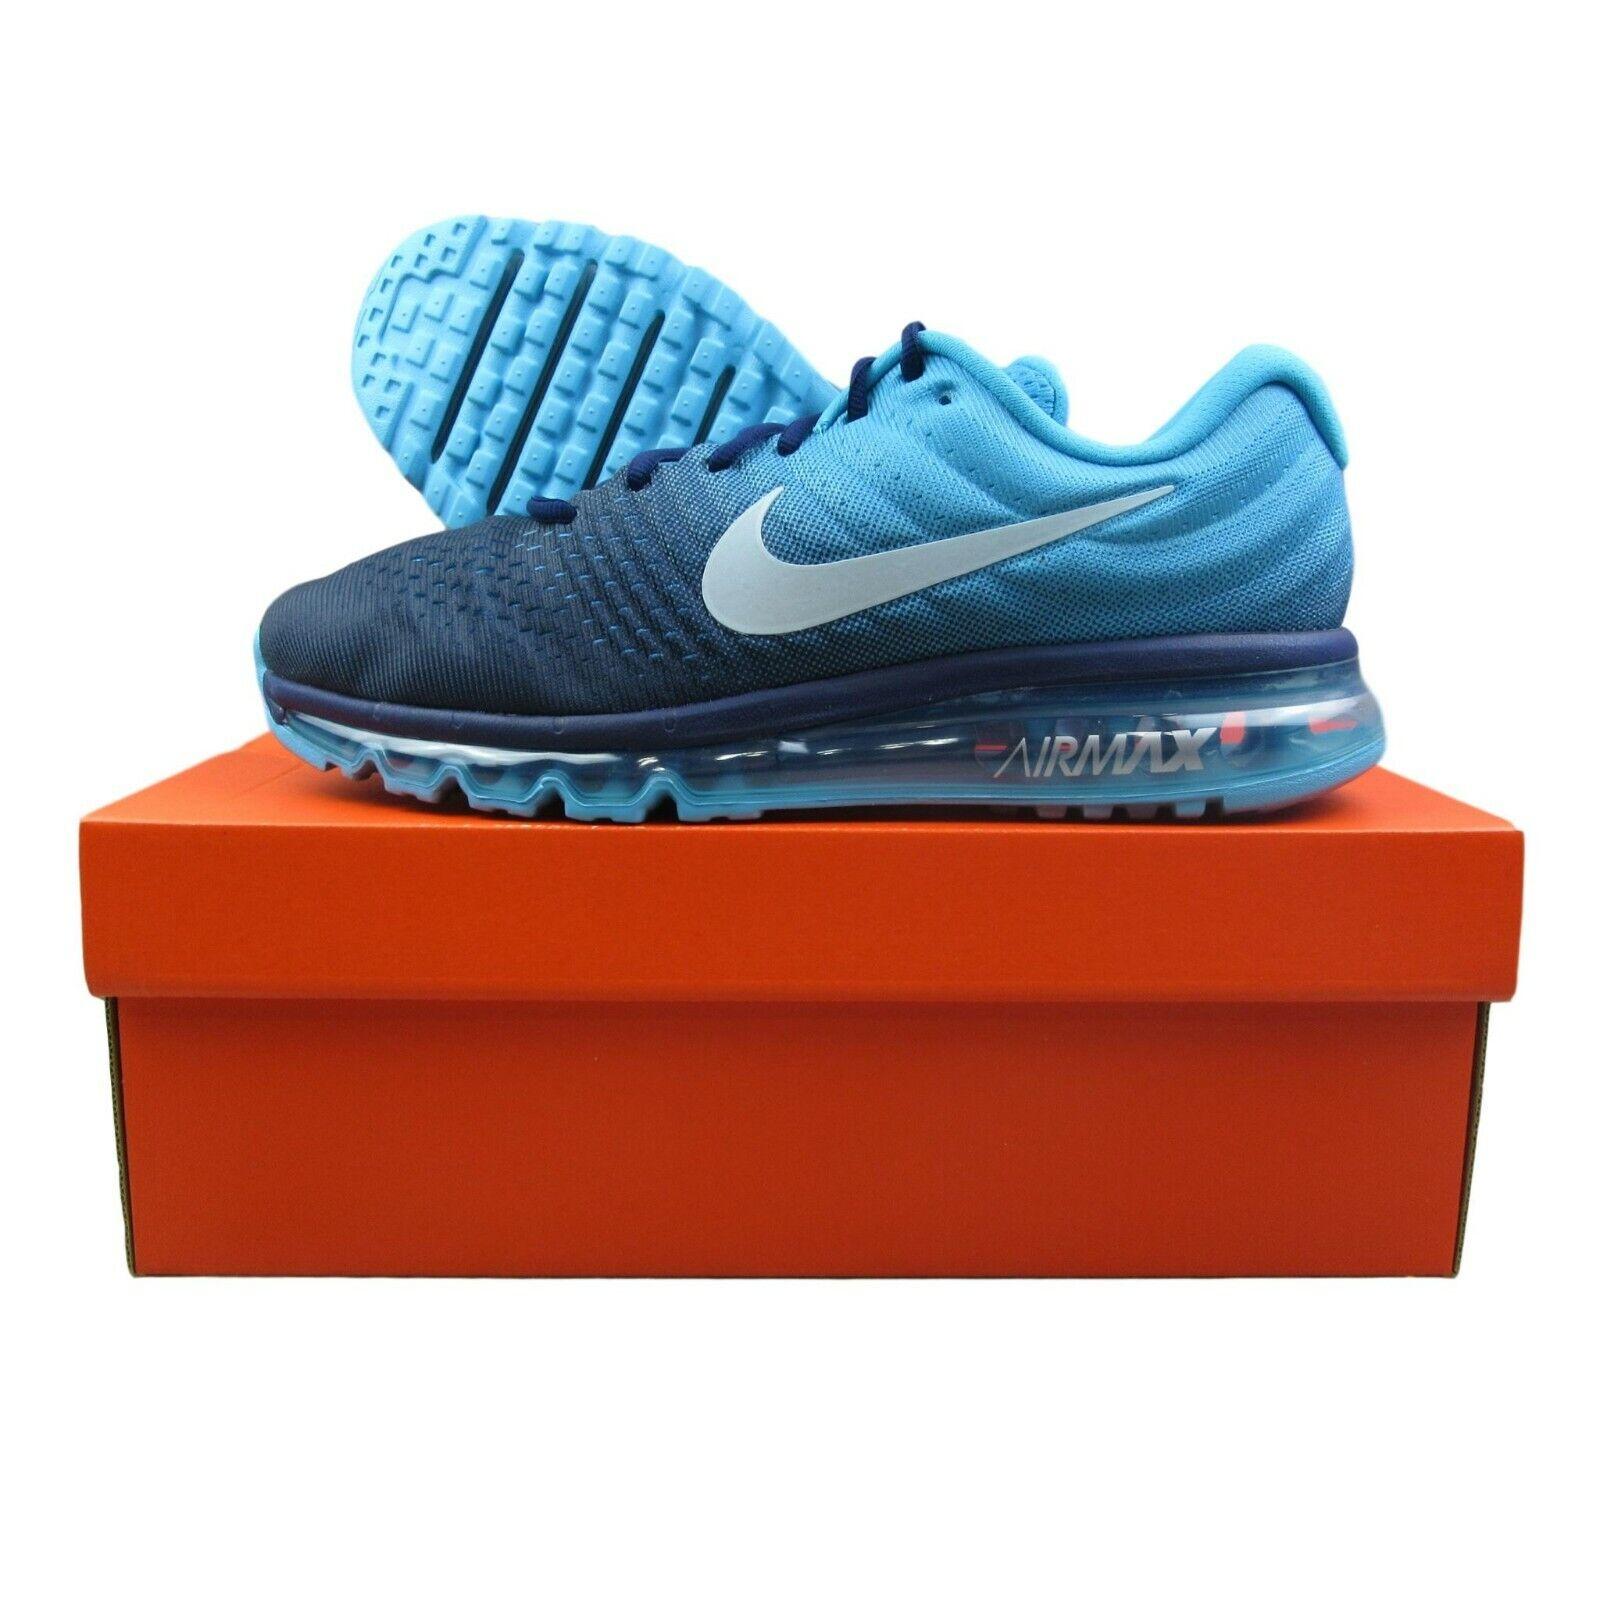 Niko Air Max 2017 Running scarpe Binary Glacier  blu 84559 404 New Mens Dimensione  negozio fa acquisti e vendite